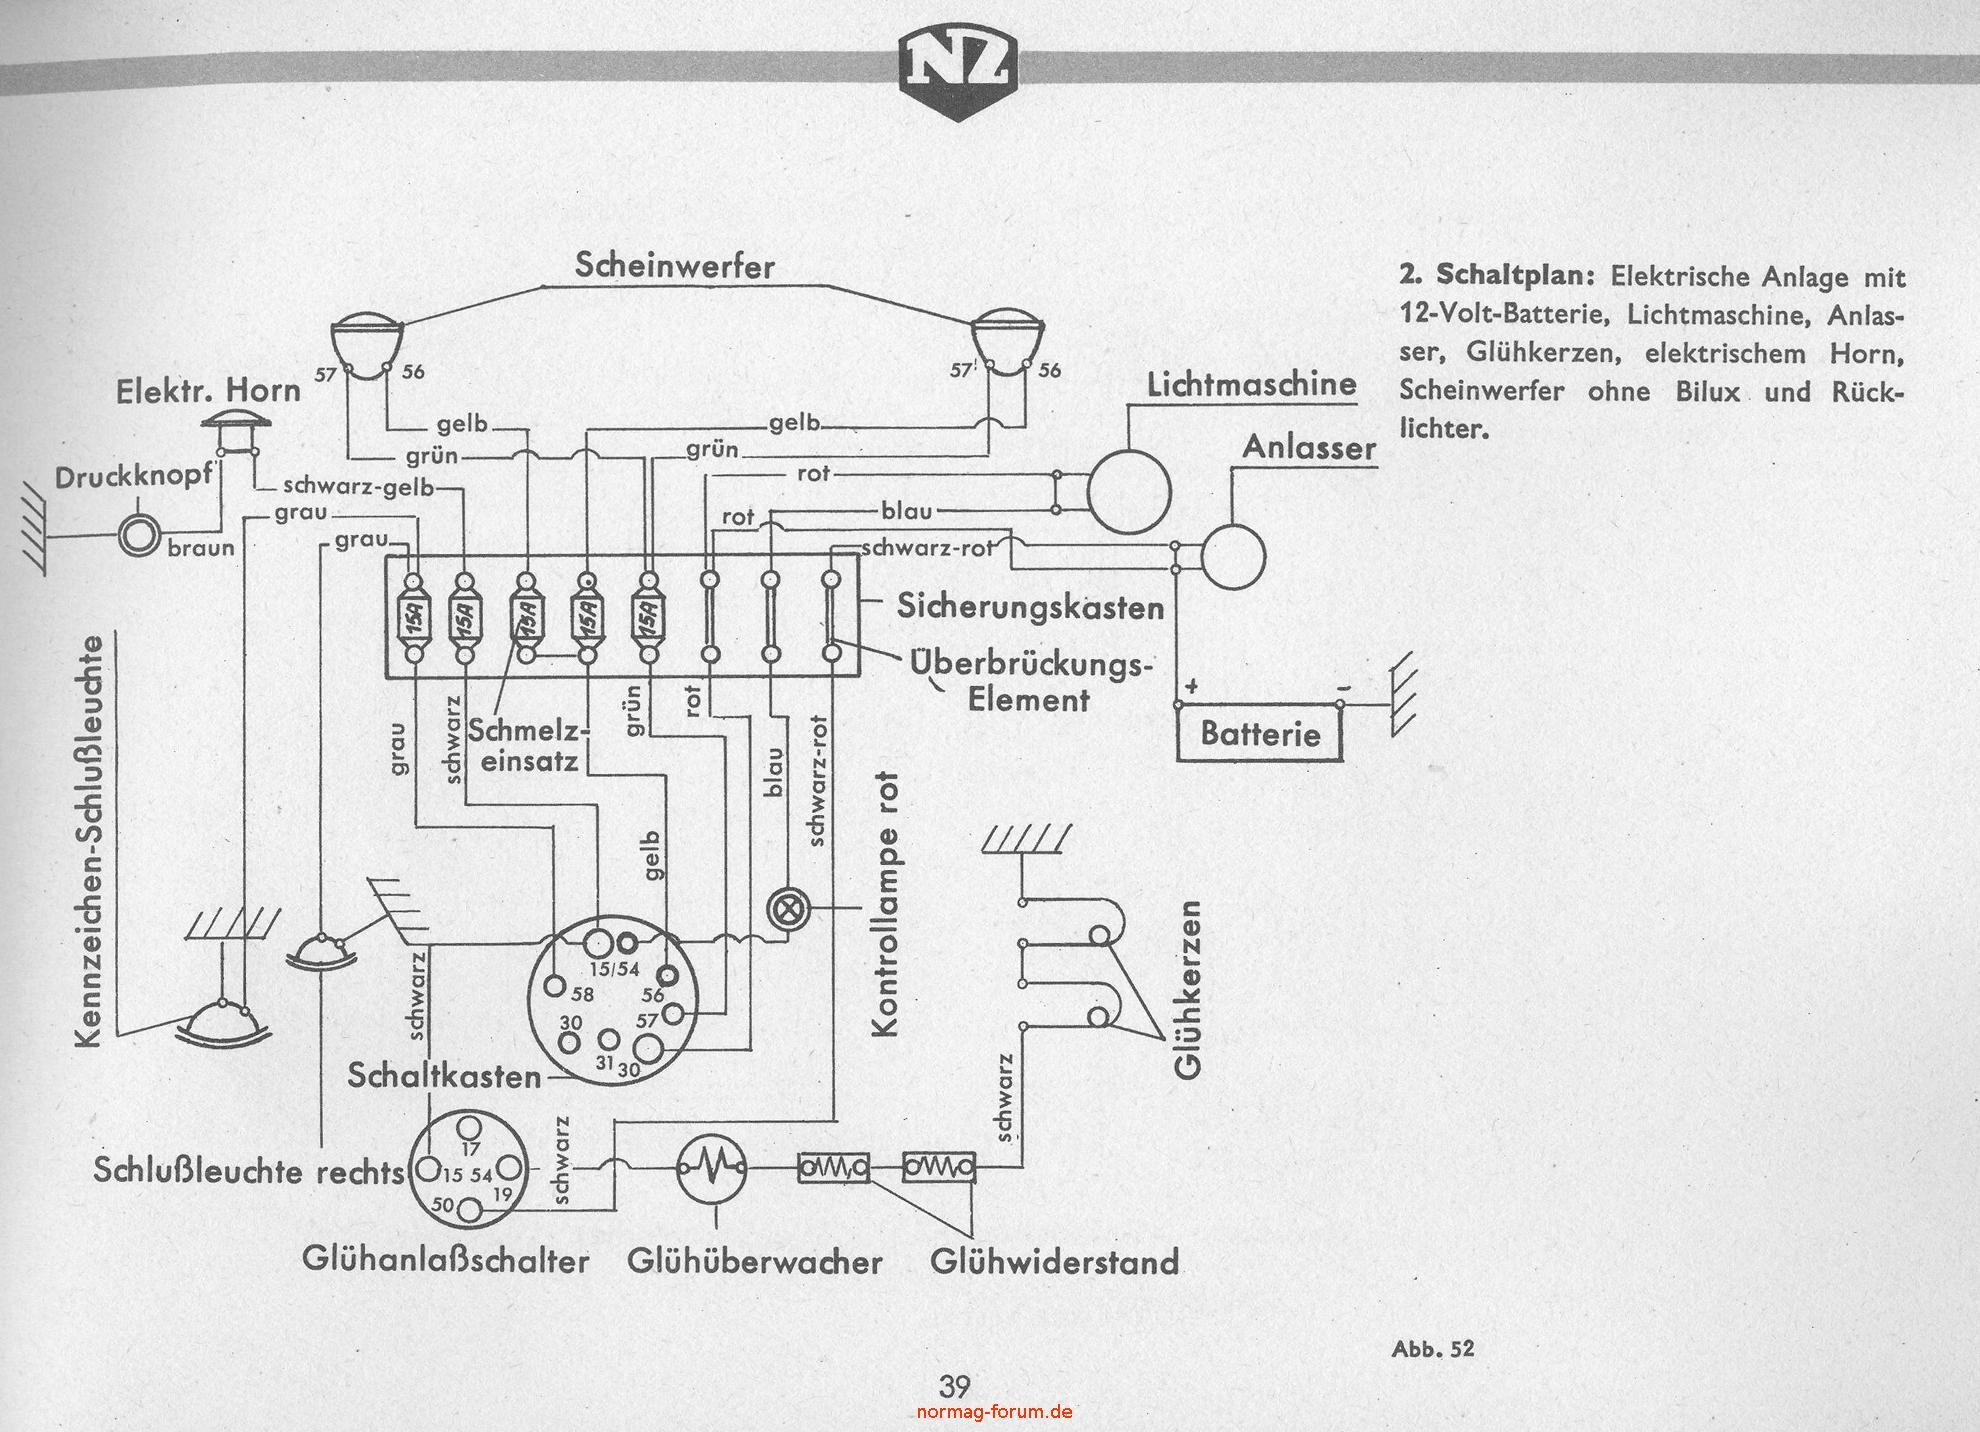 Atemberaubend Schaltplan Lichter Bilder - Der Schaltplan - triangre.info